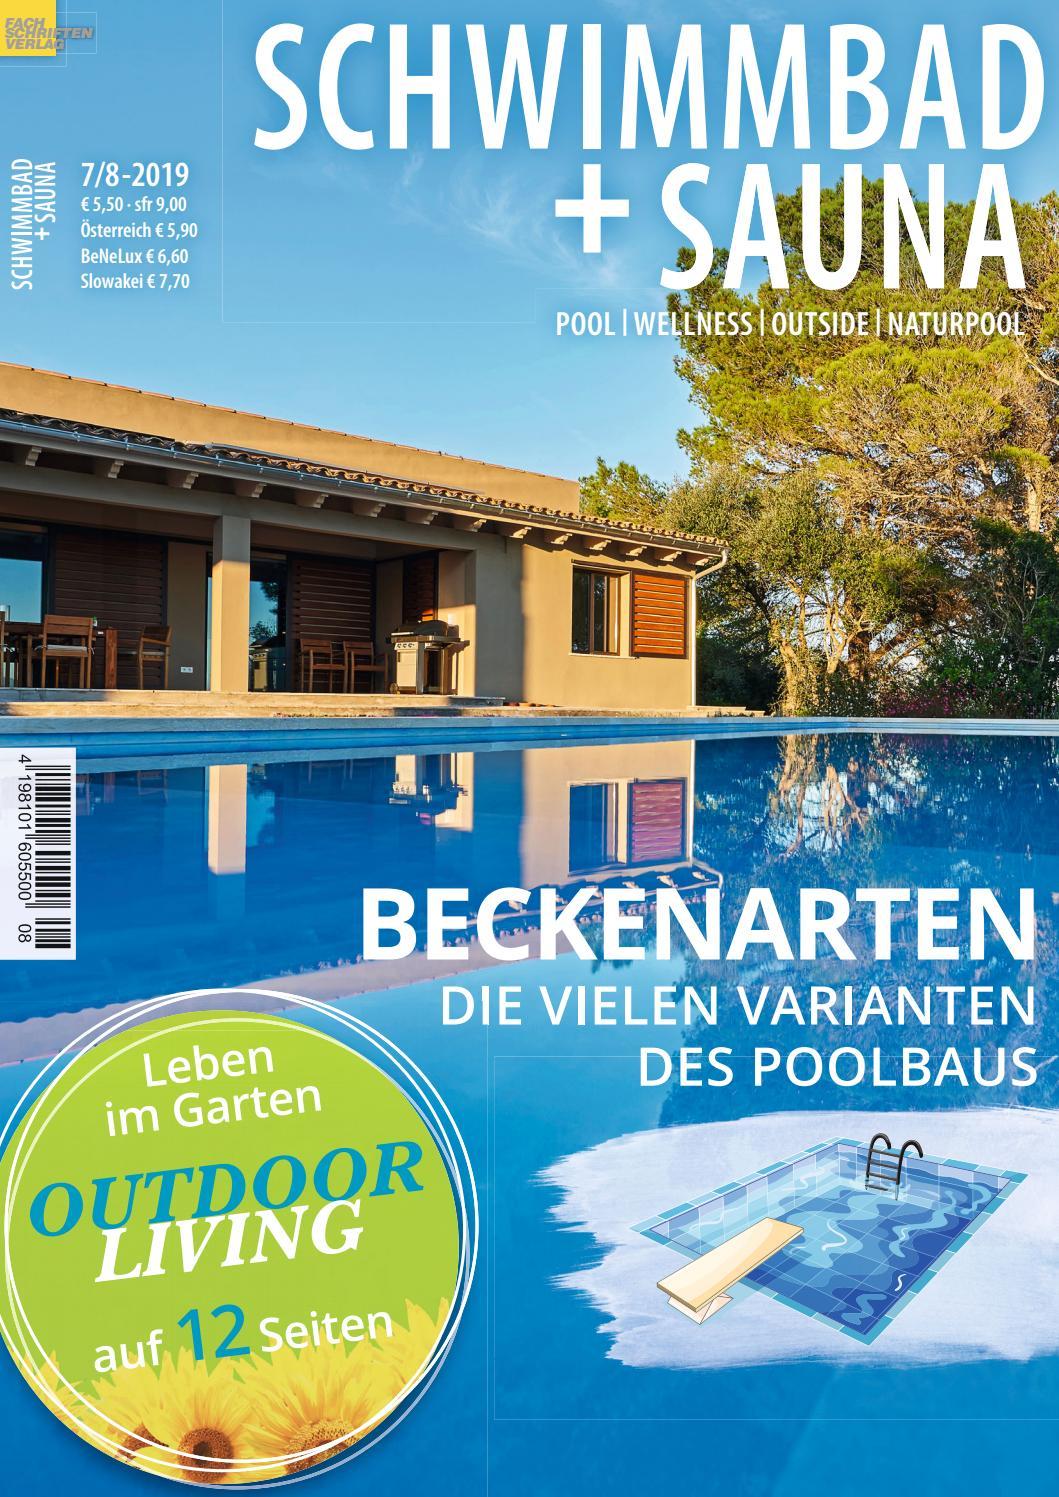 Aussen Hauswand Deko Inspirierend Schwimmbad Sauna 7 8 2019 by Fachschriften Verlag issuu